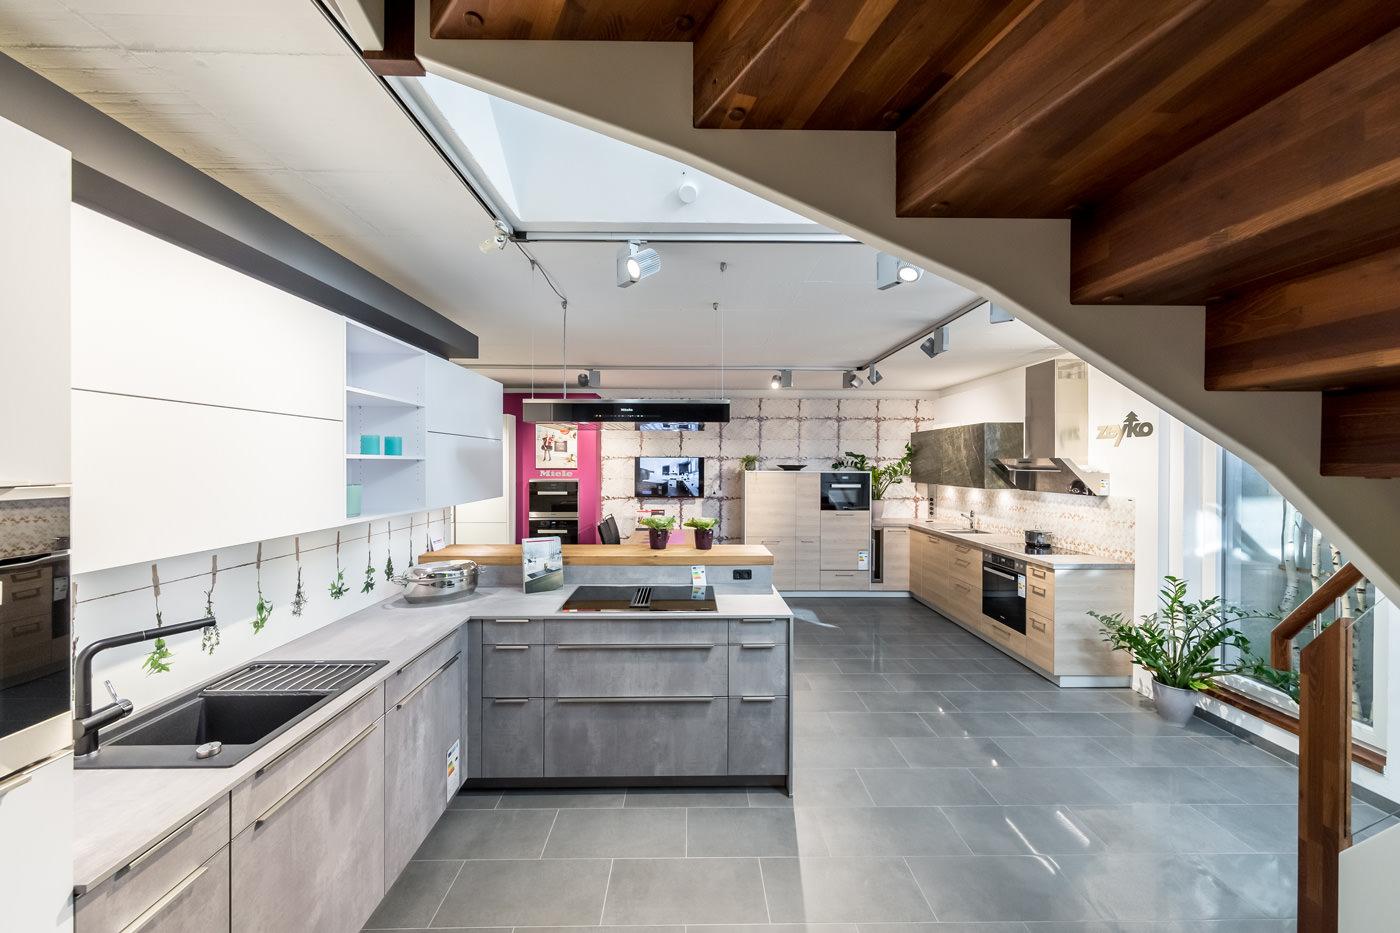 Küchen ausstellung münchen  Individuelle Küchen aus München mit Top-Service